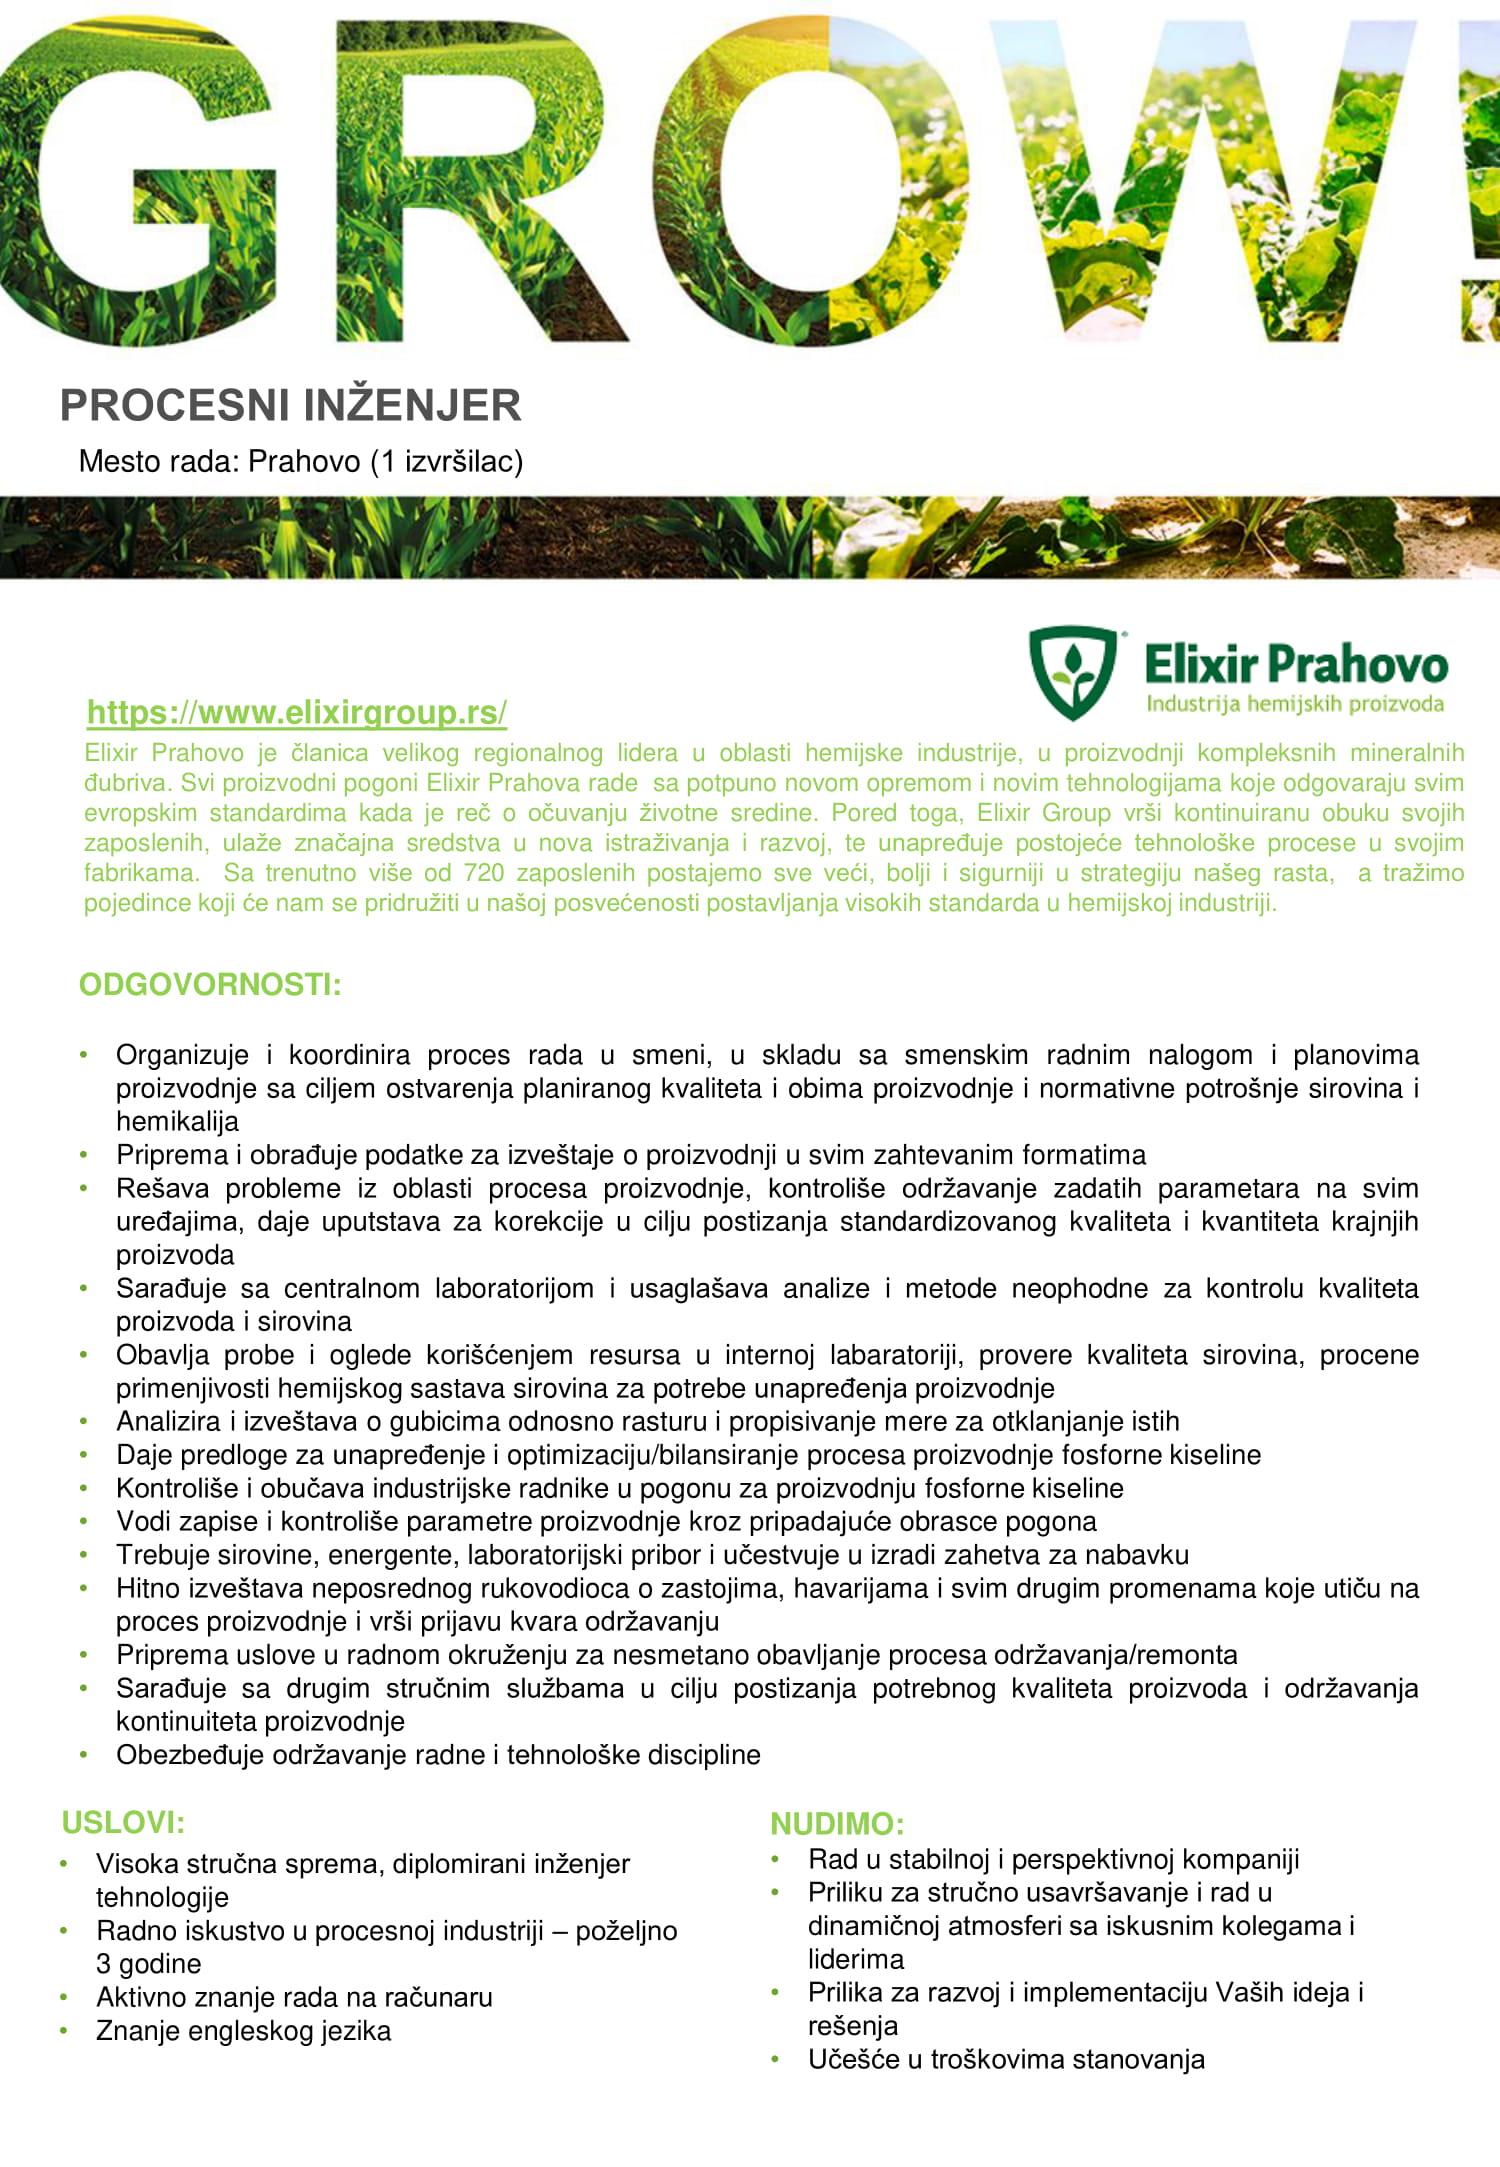 Procesni inženjer u pogonu za proizvodnju fosforne kiseline